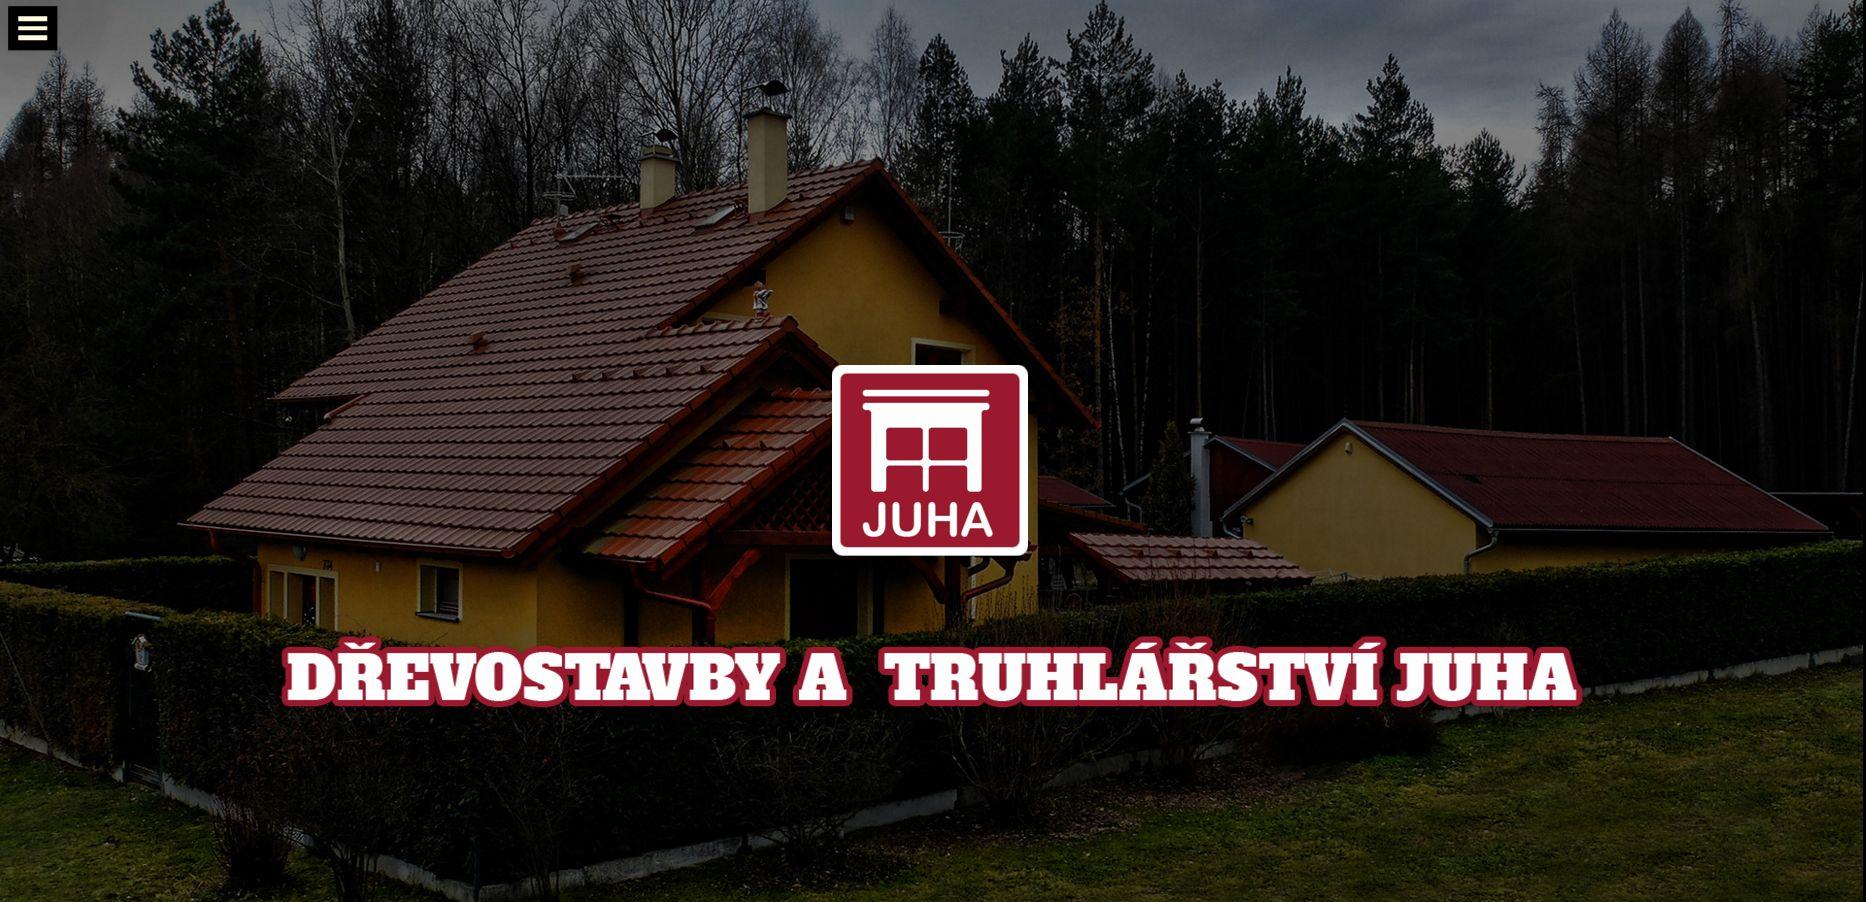 rady od truhláře Dřevostavby- truhlářství Plzeň Milan JUHA